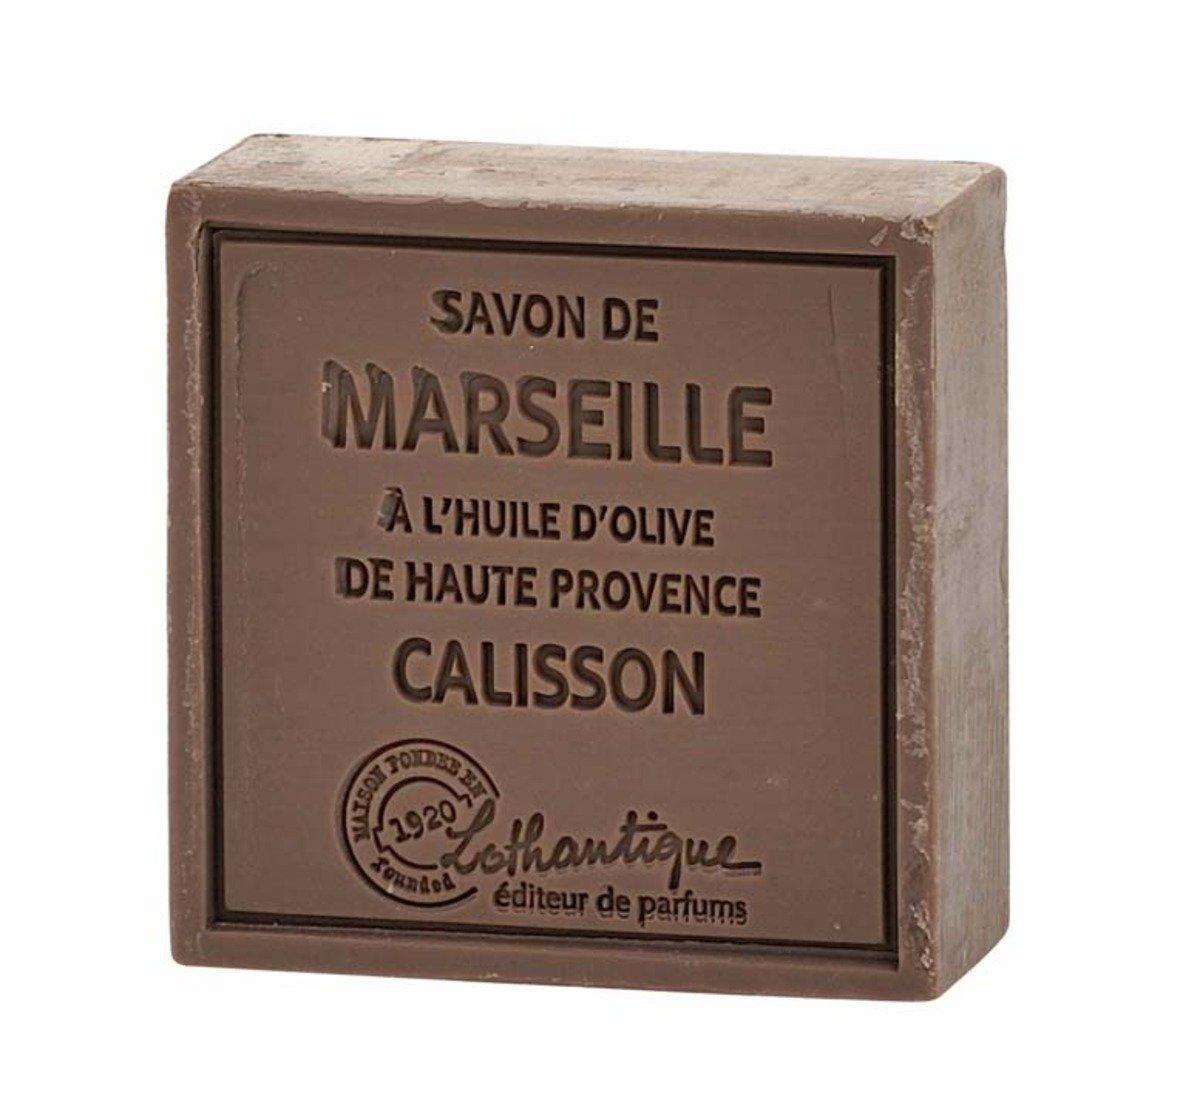 法國馬賽肥皂 - 卡利頌